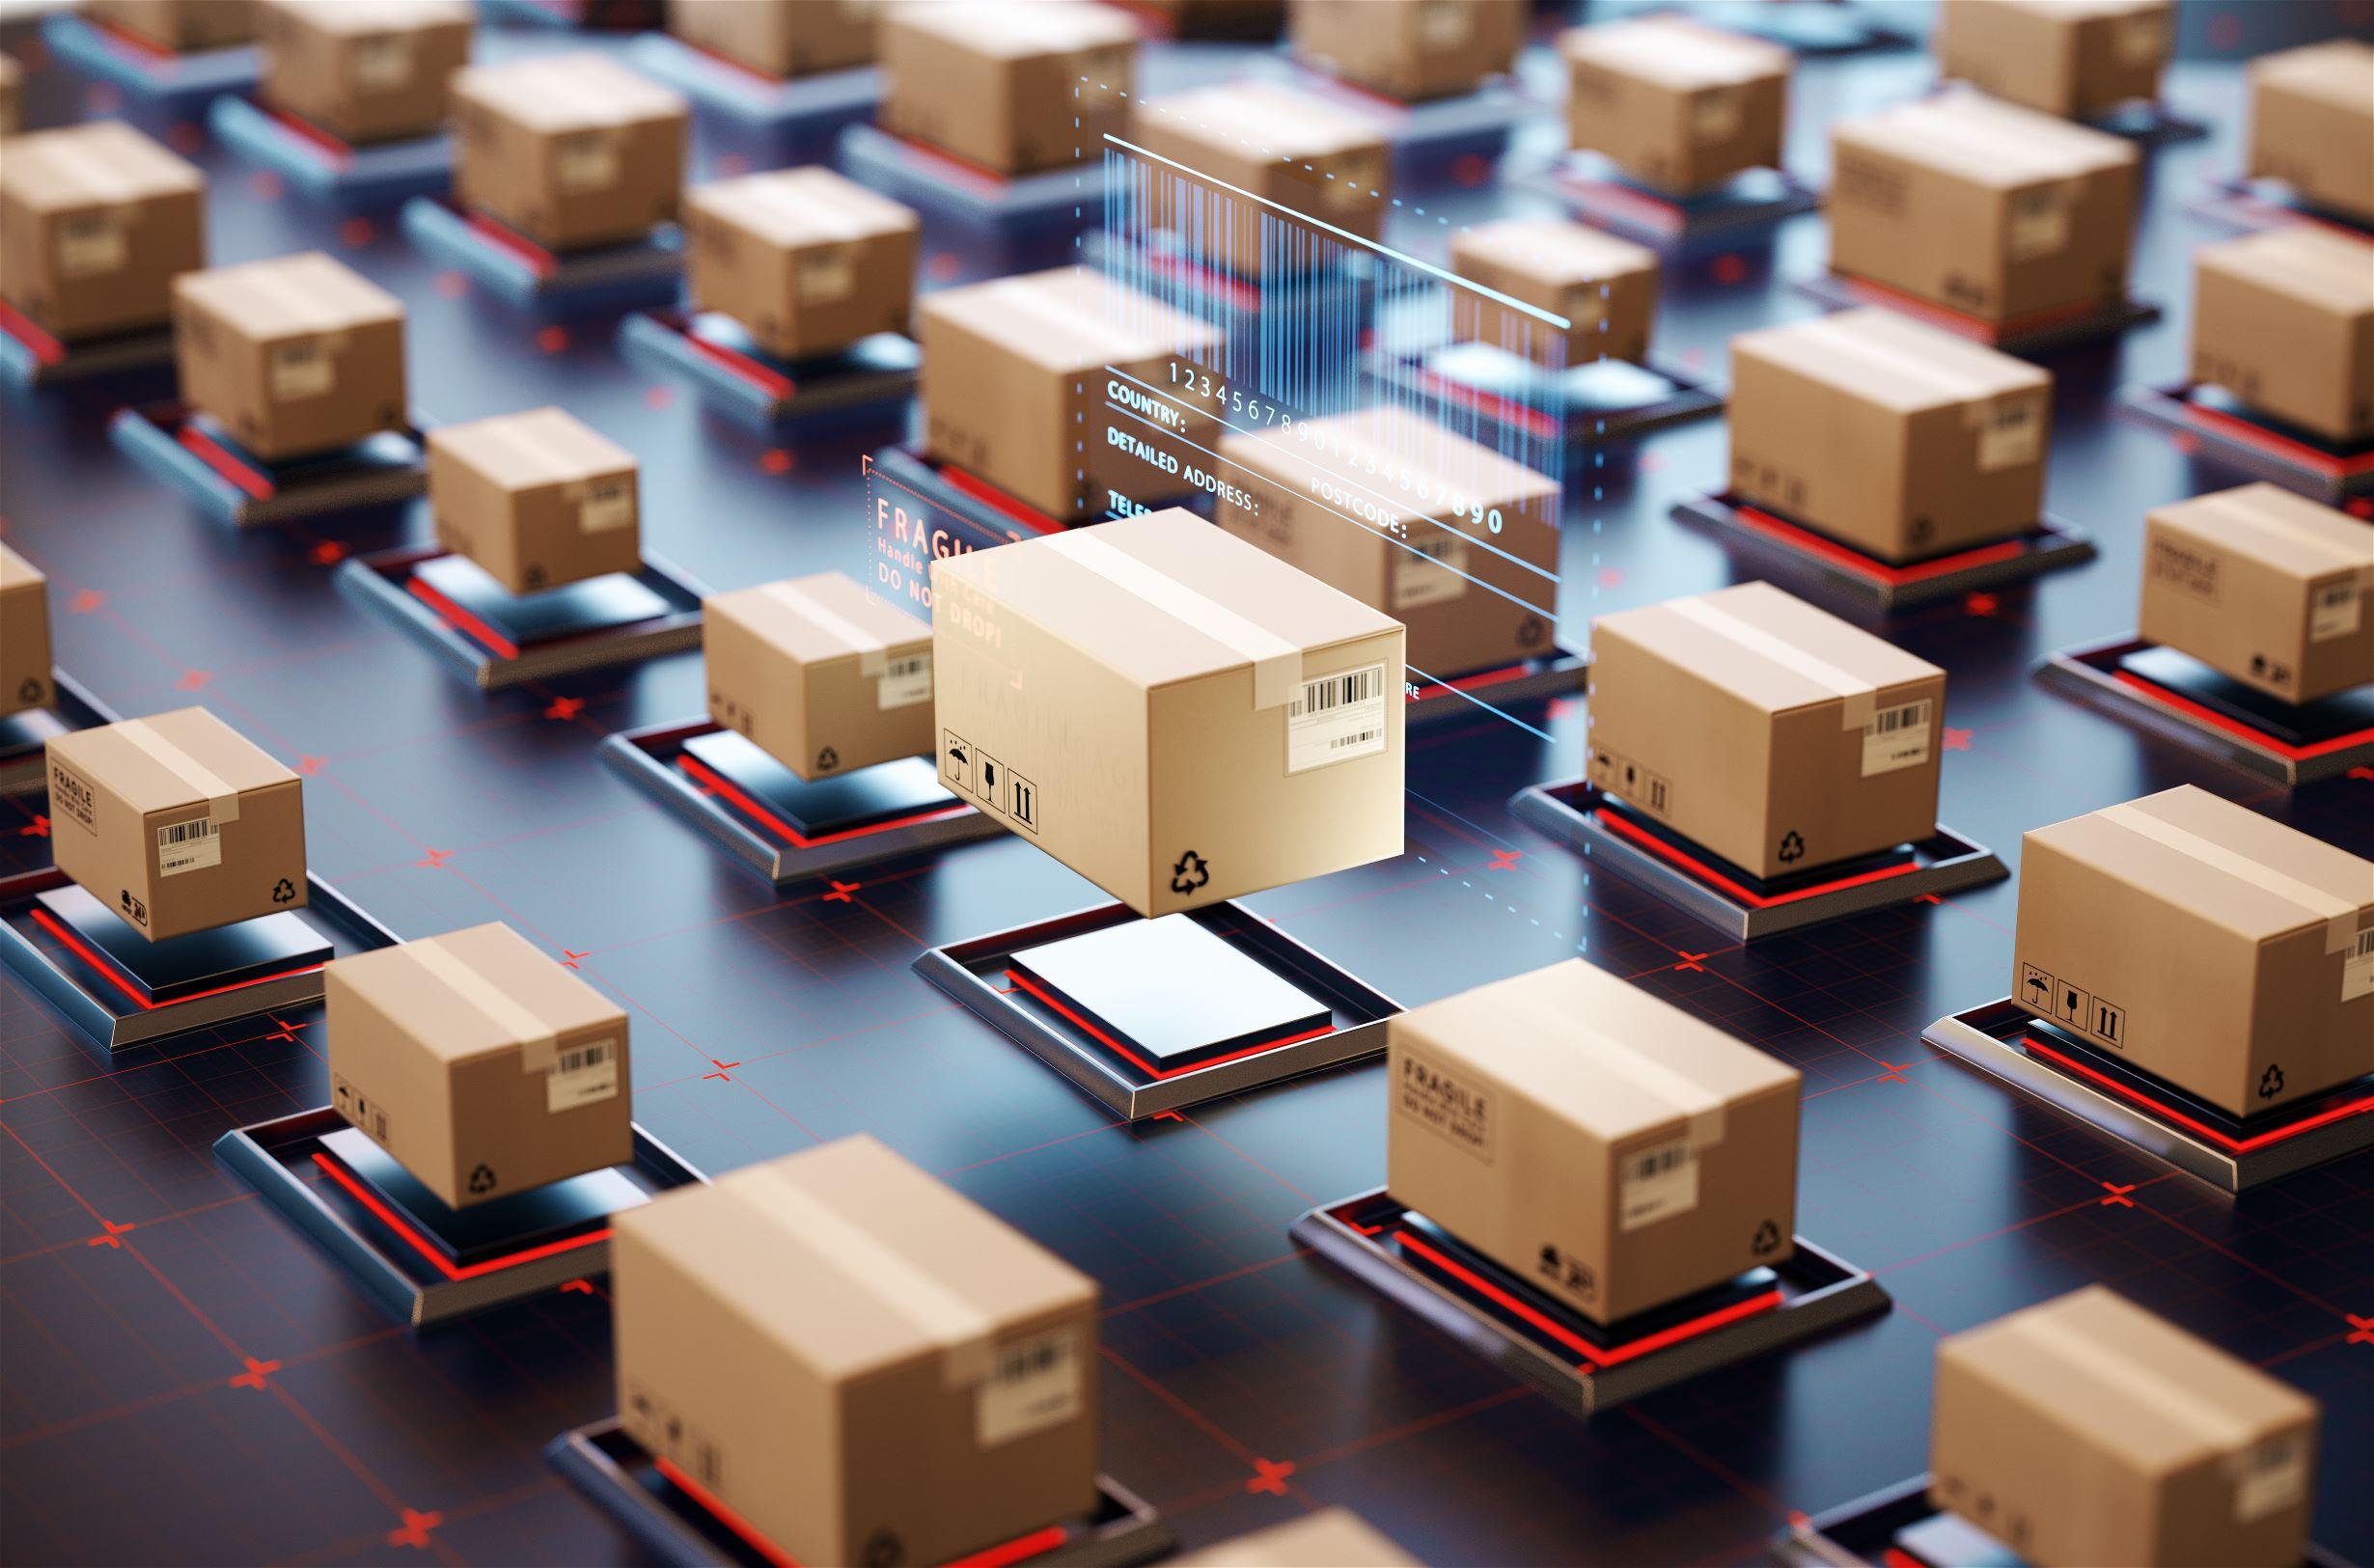 Cómo la tecnología de hoy puede ayudar a satisfacer las demandas de los consumidores del mañana